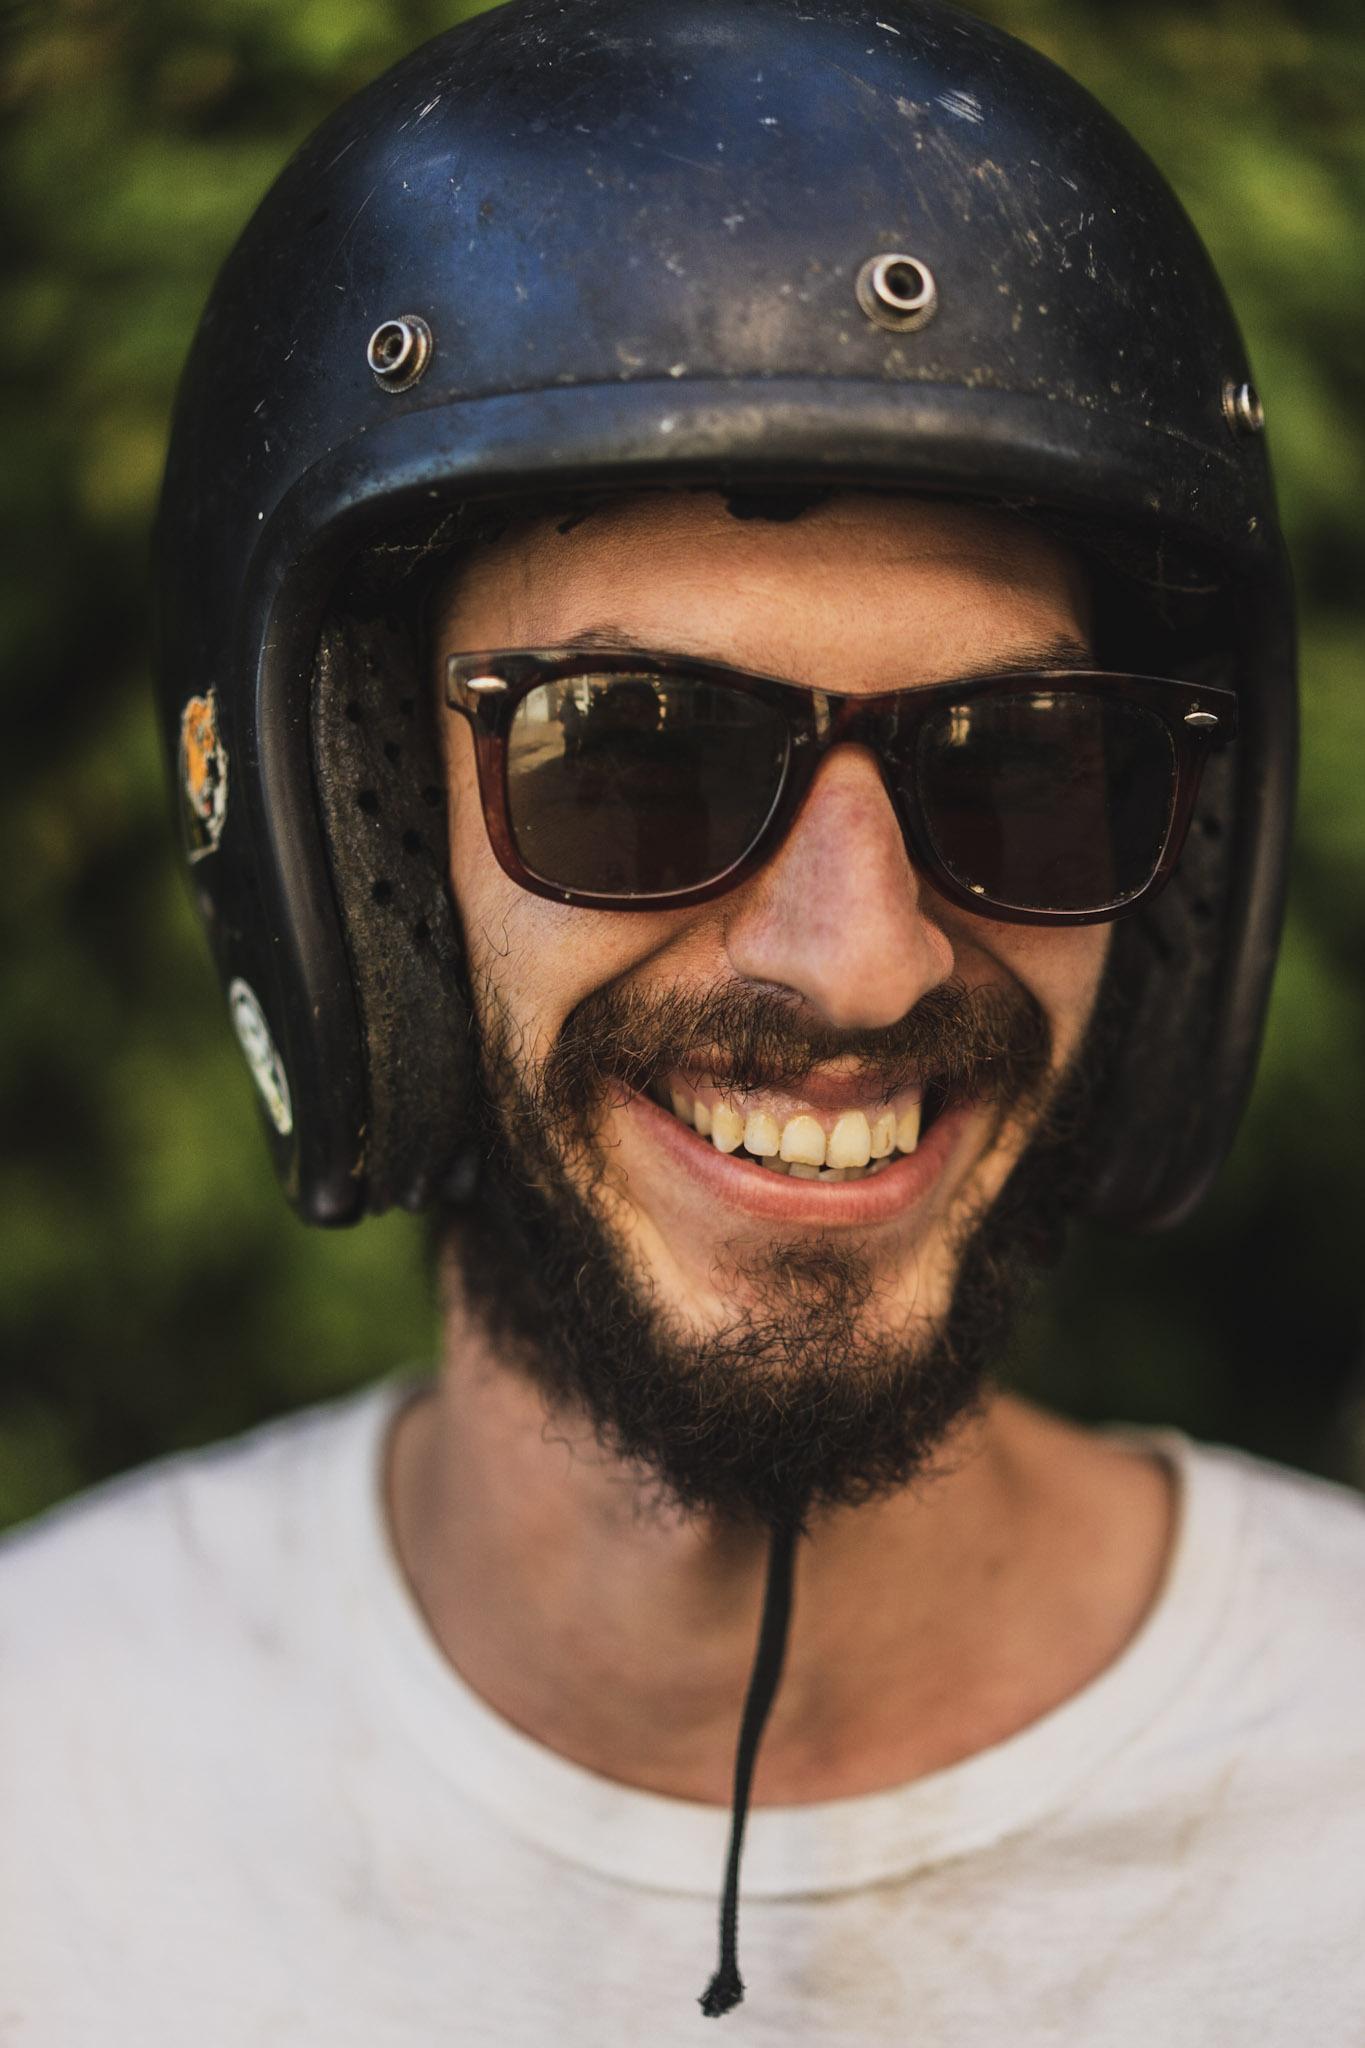 cute helmet close up.jpeg